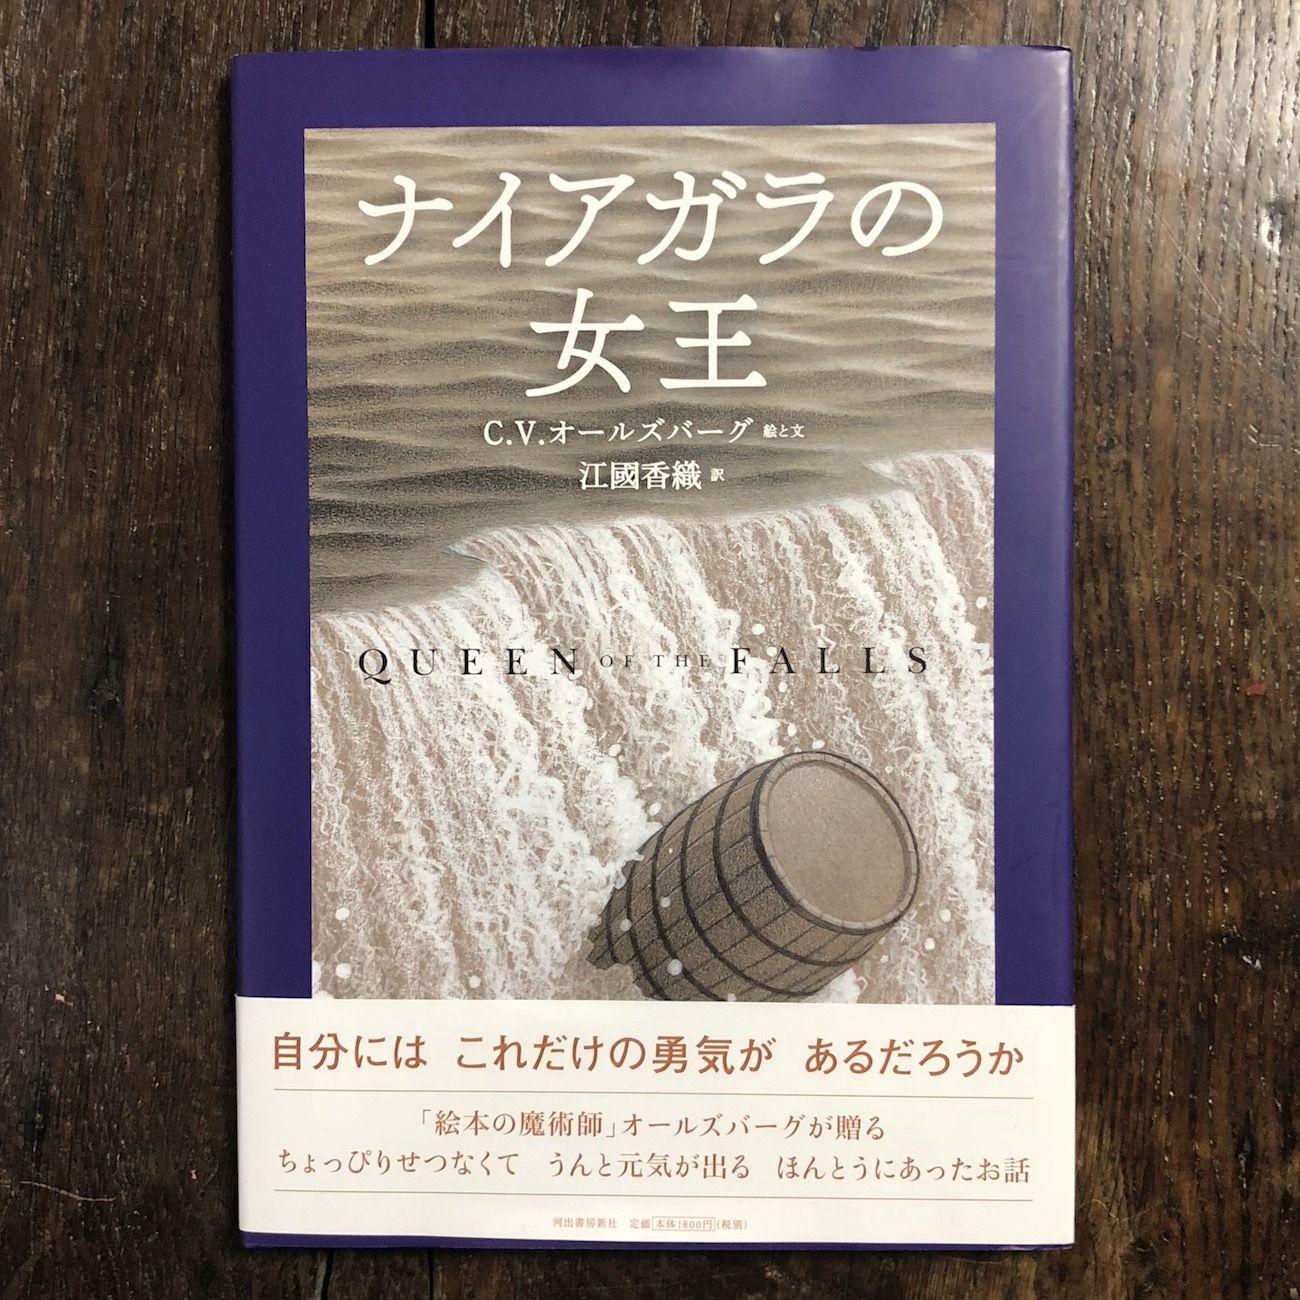 「ナイアガラの女王」C.V.オールズバーグ 江國香織 訳